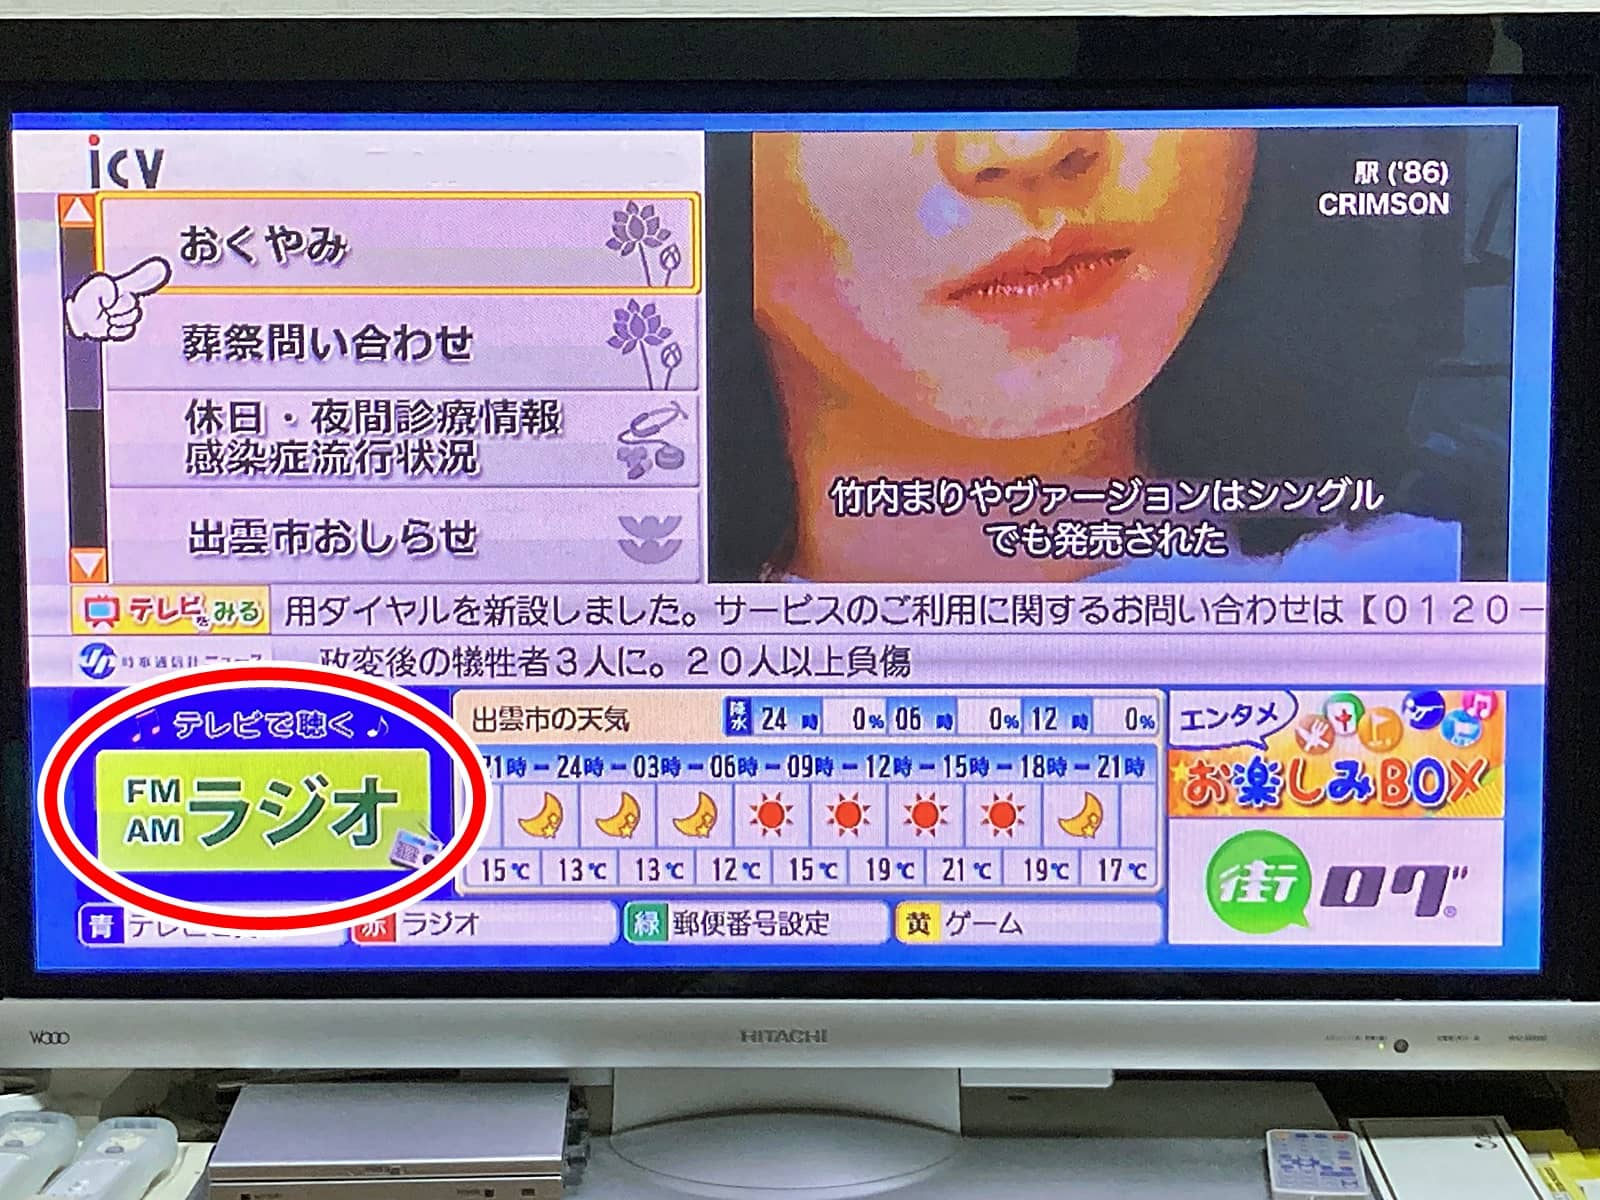 icvラジオ 選択